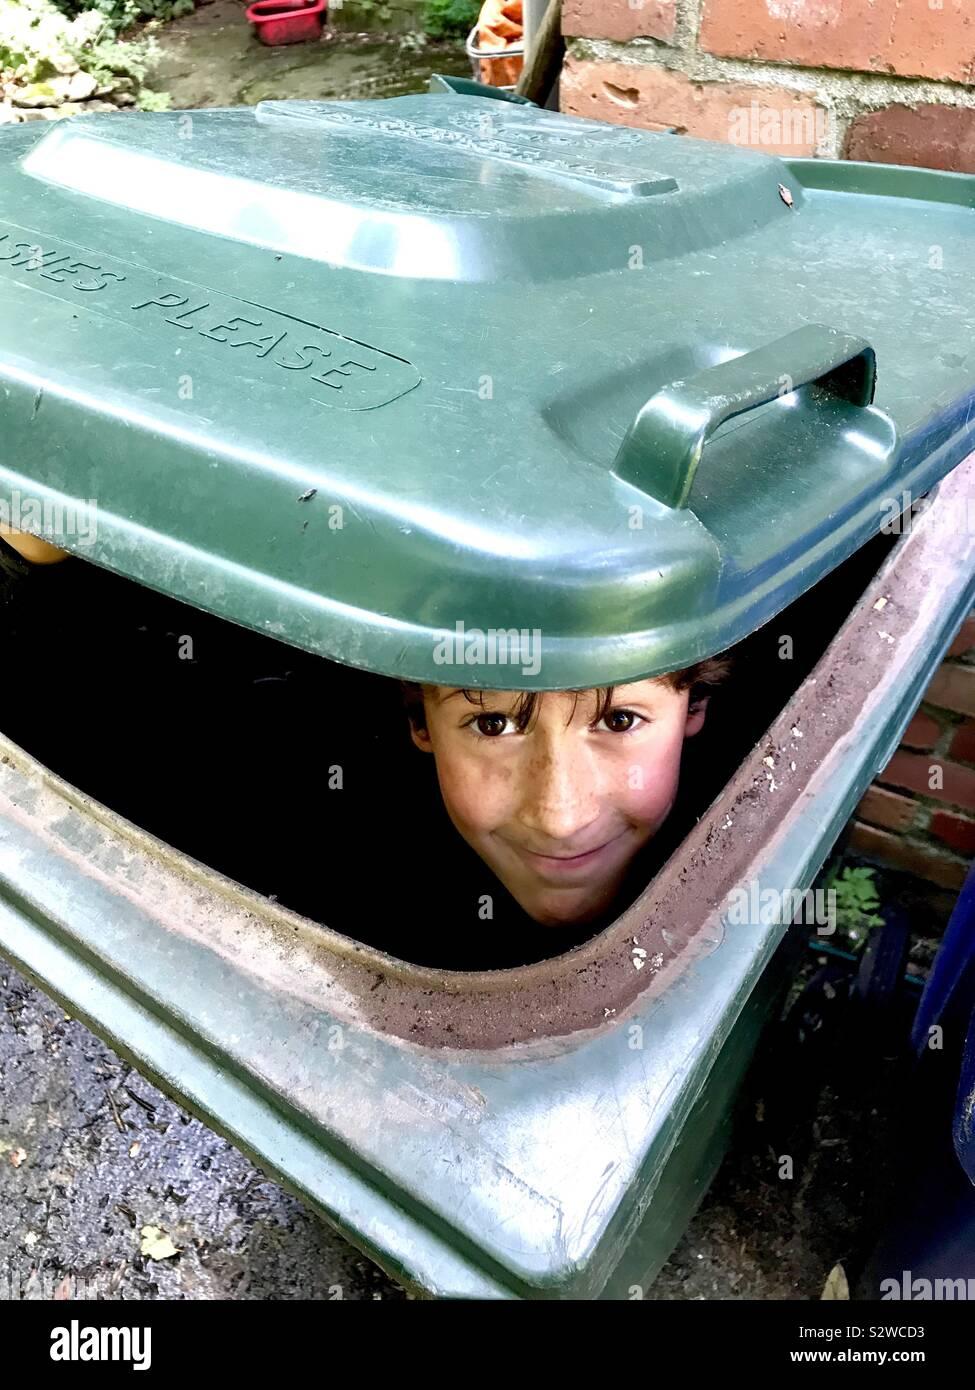 Un garçon se cache dans une poubelle sur roues barrée. Banque D'Images